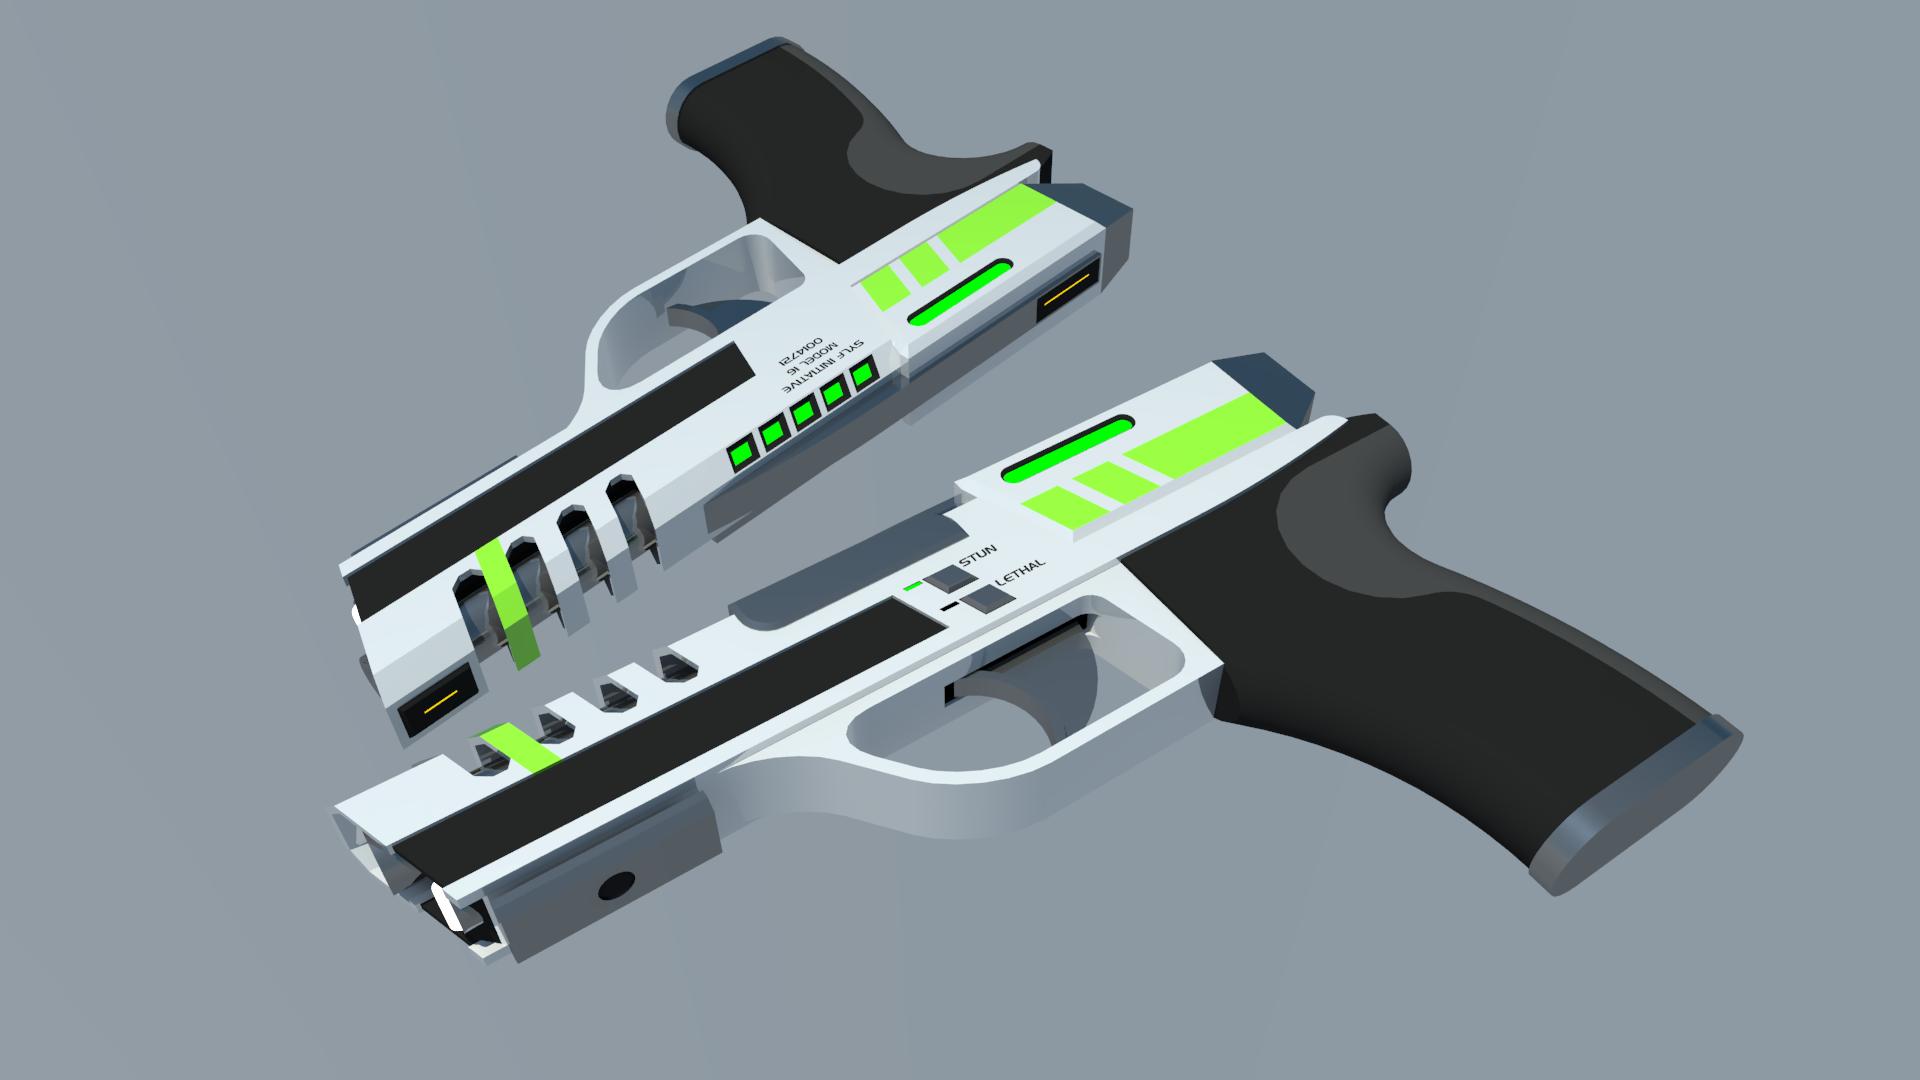 Model 16 Razor by Gwentari